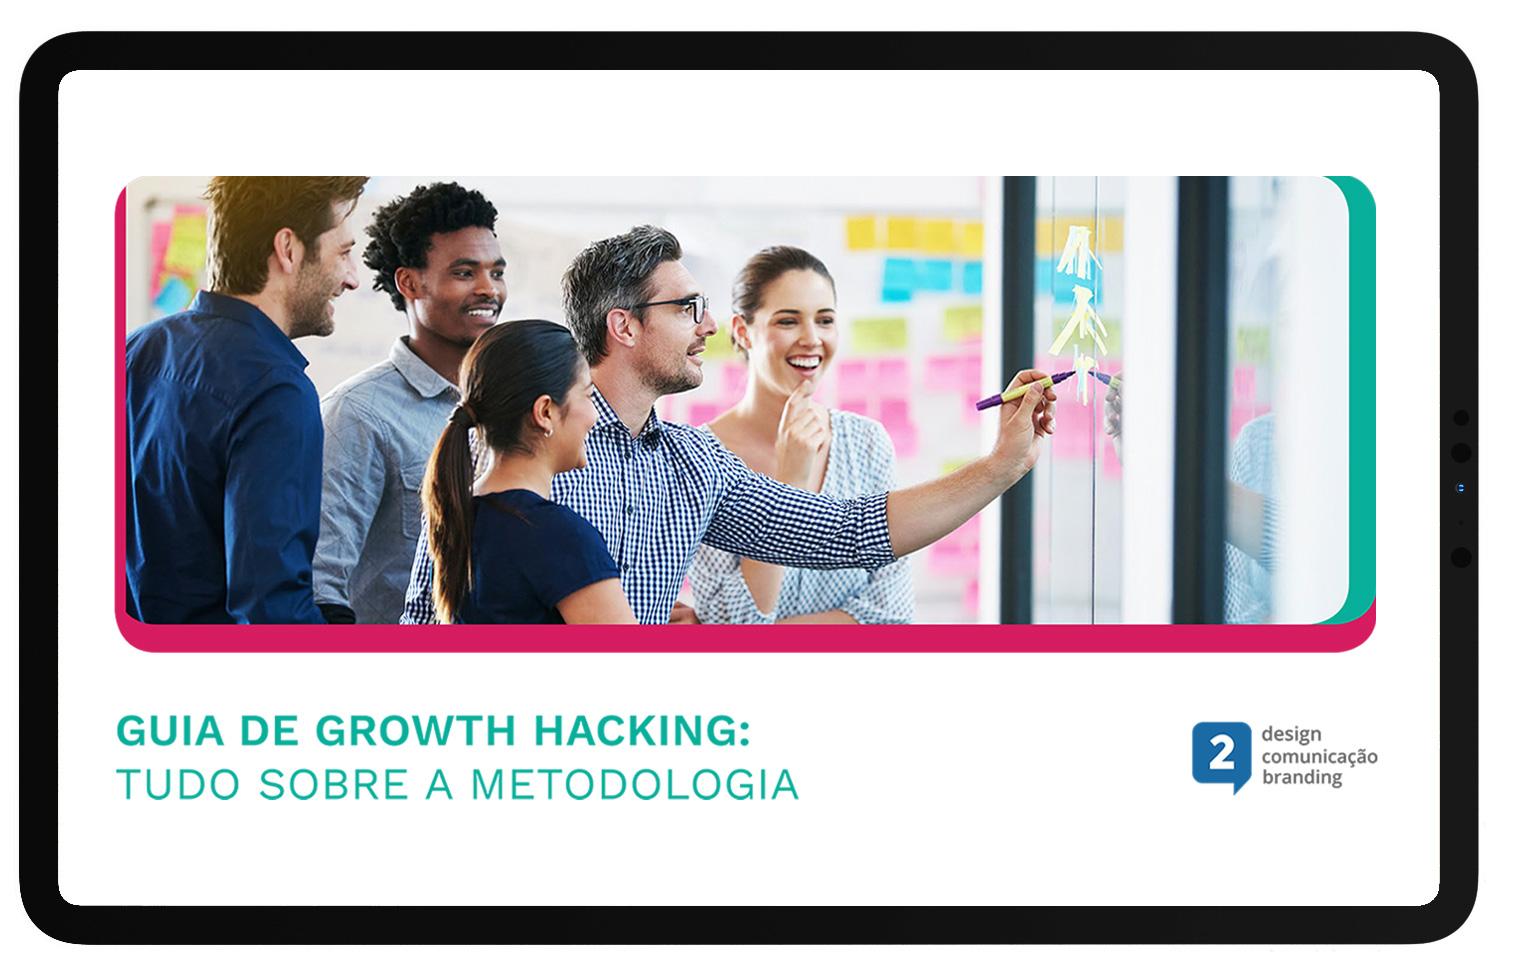 FOTO-MOCKUP-notebook com tela- guia da importancia do marketing digital para as empresas